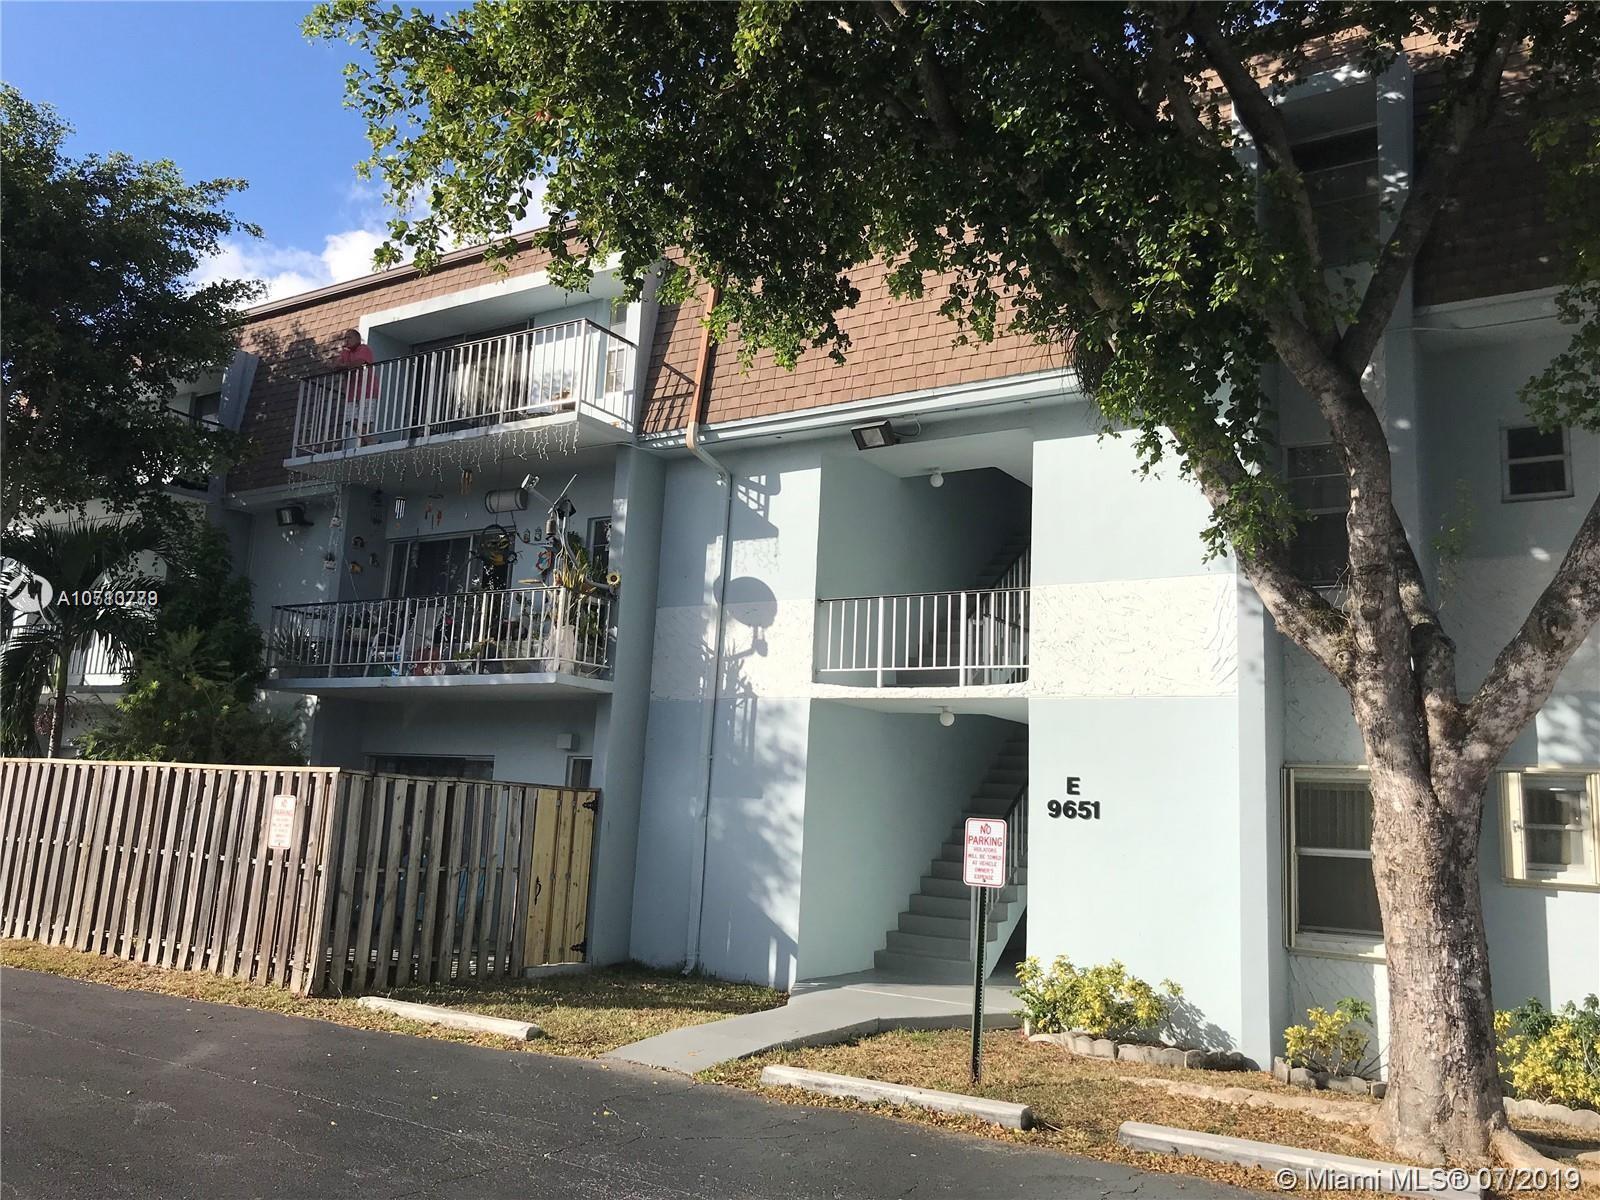 9651 S W 77th Ave #106E For Sale A10710779, FL